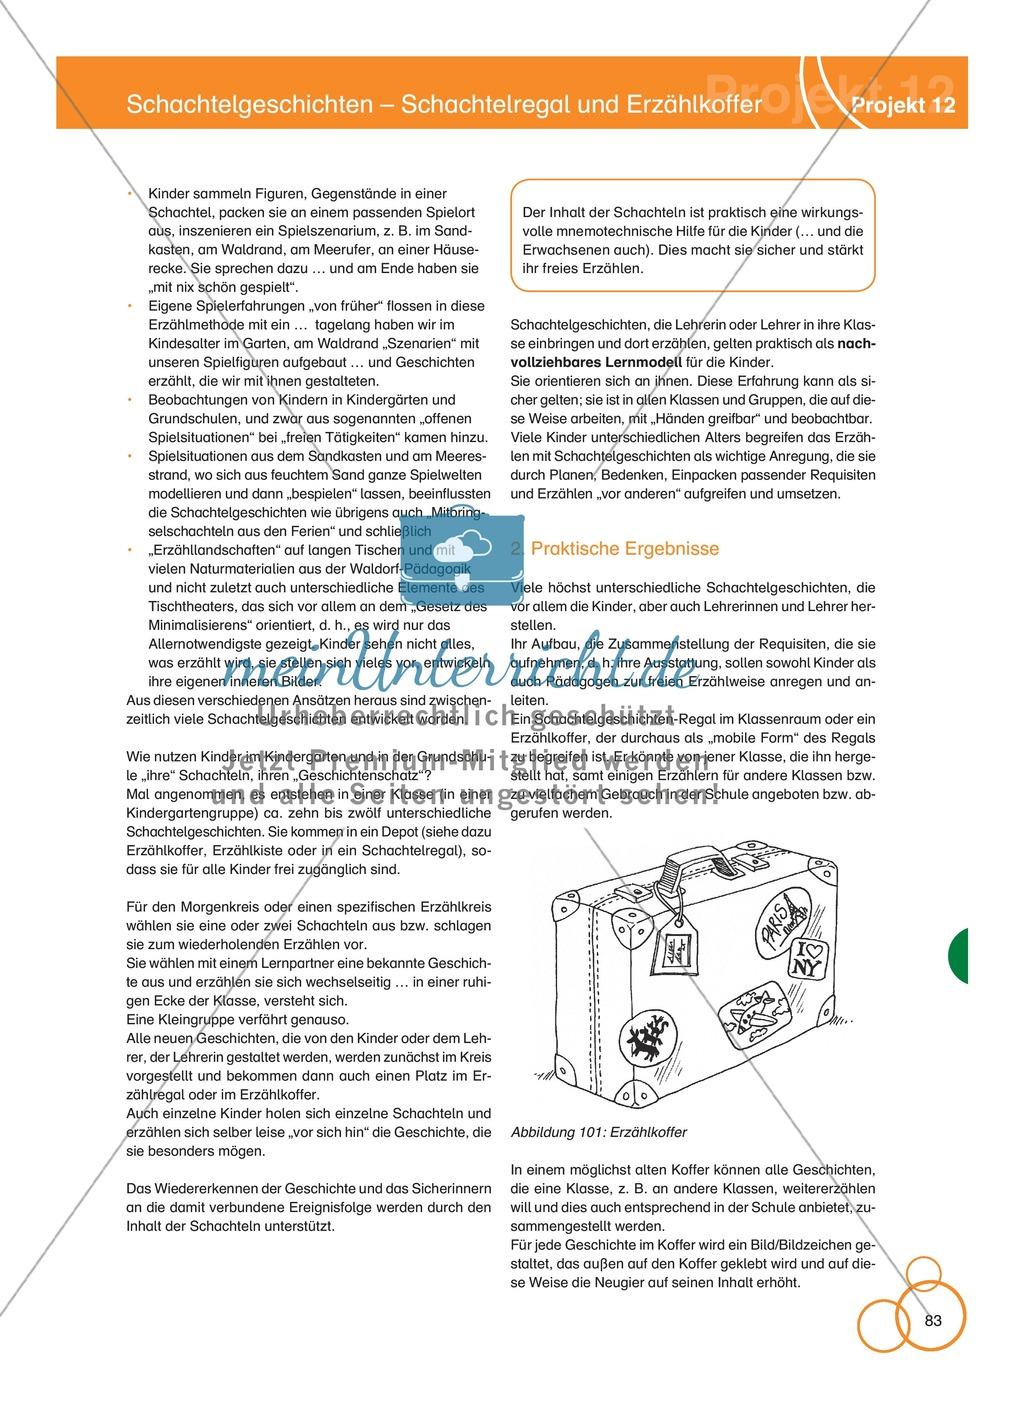 Projekt 12: Schachtelgeschichten - Schachtelregal und Erzählkoffer Preview 4